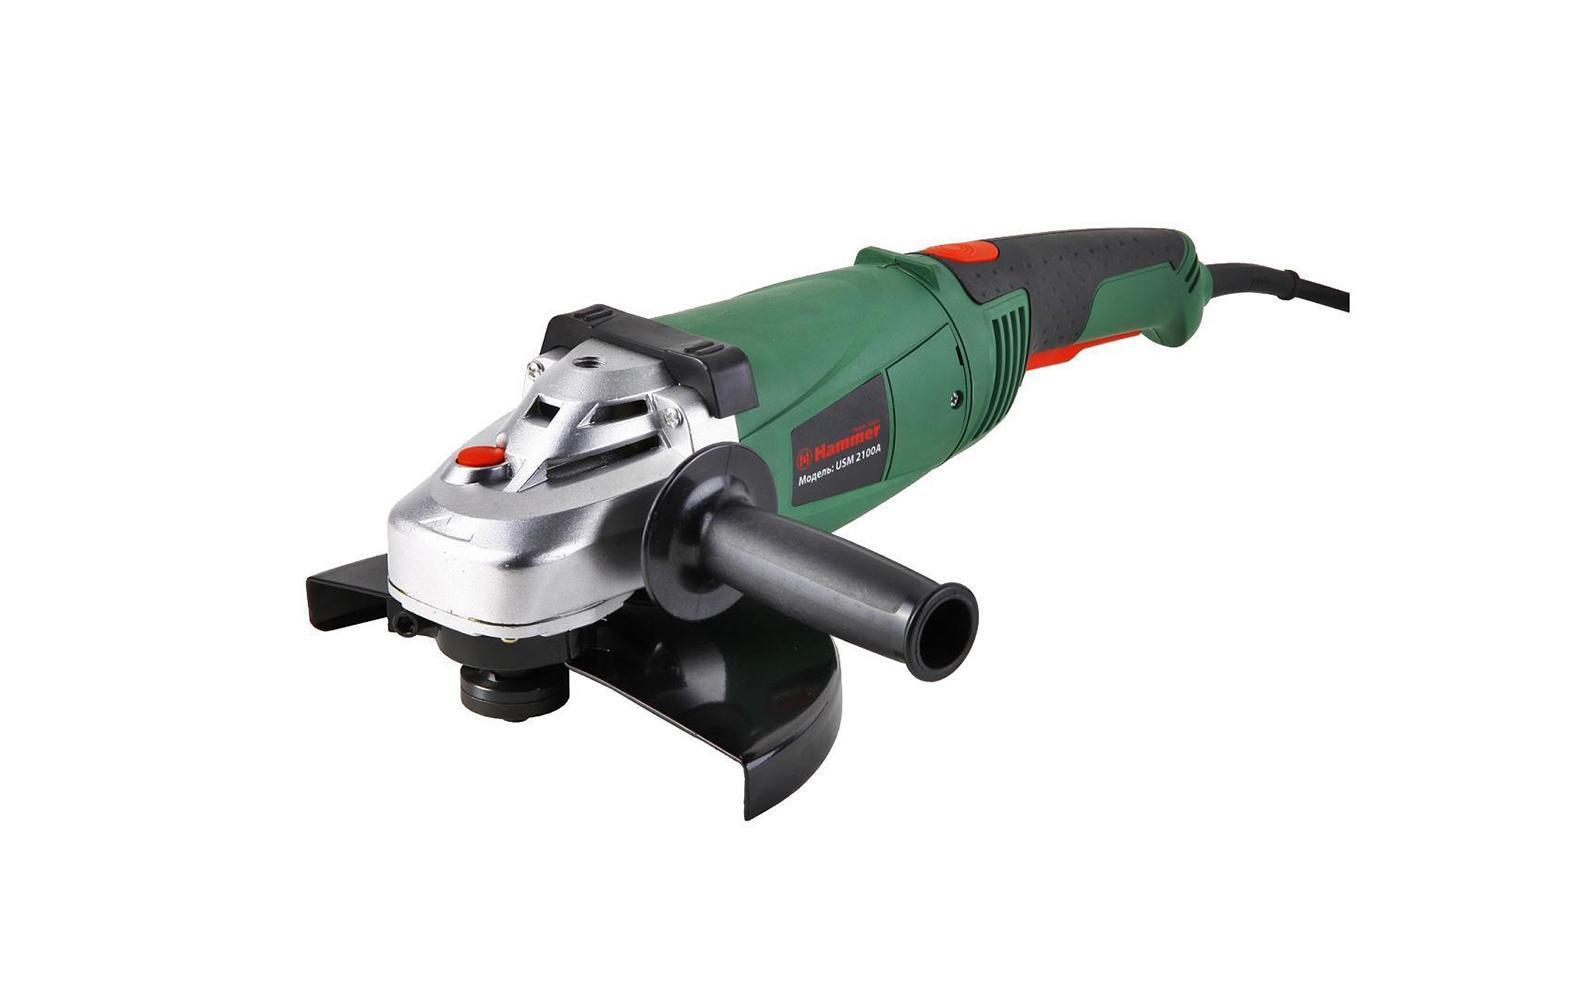 Угловая шлифмашина Hammer USM2100AUsm2100aМощная углошлифовальная машина Hammer USM2100A позволит легко и удобно производить работы по шлифовке и резке таких материалов как металл, кирпич, бетон и многих других. Она оснащена функцией блокировки шпинделя, двухпозиционной боковой рукояткой и защитным кожухом.Углошлифовальная машина (болгарка) Hammer USM2100A - это высокоэффективный электроинструмент, предназначенный для обдирочных, отрезных и шлифовальных работ по металлу и бетону. В качестве режущего элемента используется диск диаметром 230 мм. Данная модель способна работать под углом к поверхности обрабатываемого материала. Эргономичная рукоятка с эластомерным покрытием обеспечивает надежное удержание болгарки в руках и исключает возможность ее выскальзывания. Замена щеток осуществляется без разборки корпуса инструмента. Углошлифовальная машина Hammer USM2100A оснащена двигателем мощностью 2100 Вт, системой плавного пуска, функцией фиксации шпинделя, блокировкой кнопки включения, защитным кожухом, электронной регулировкой частоты вращения и многопозиционной боковой рукояткой.Максимальный диаметр диска: 125 мм. Напряжение: 230 В/50 Гц.